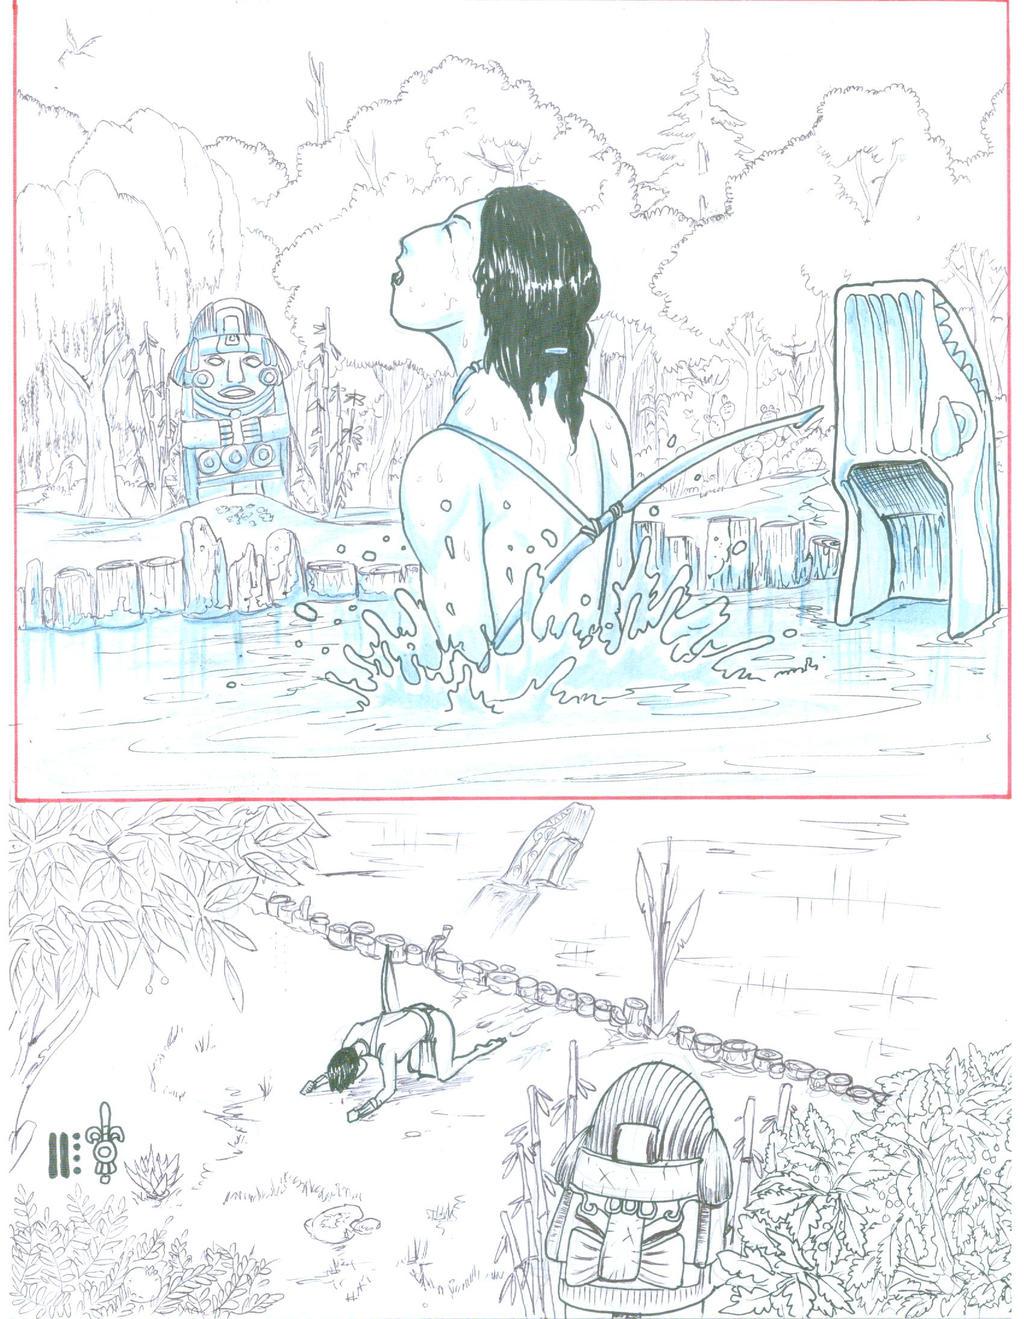 La Poza Pag 14 by sevenquest